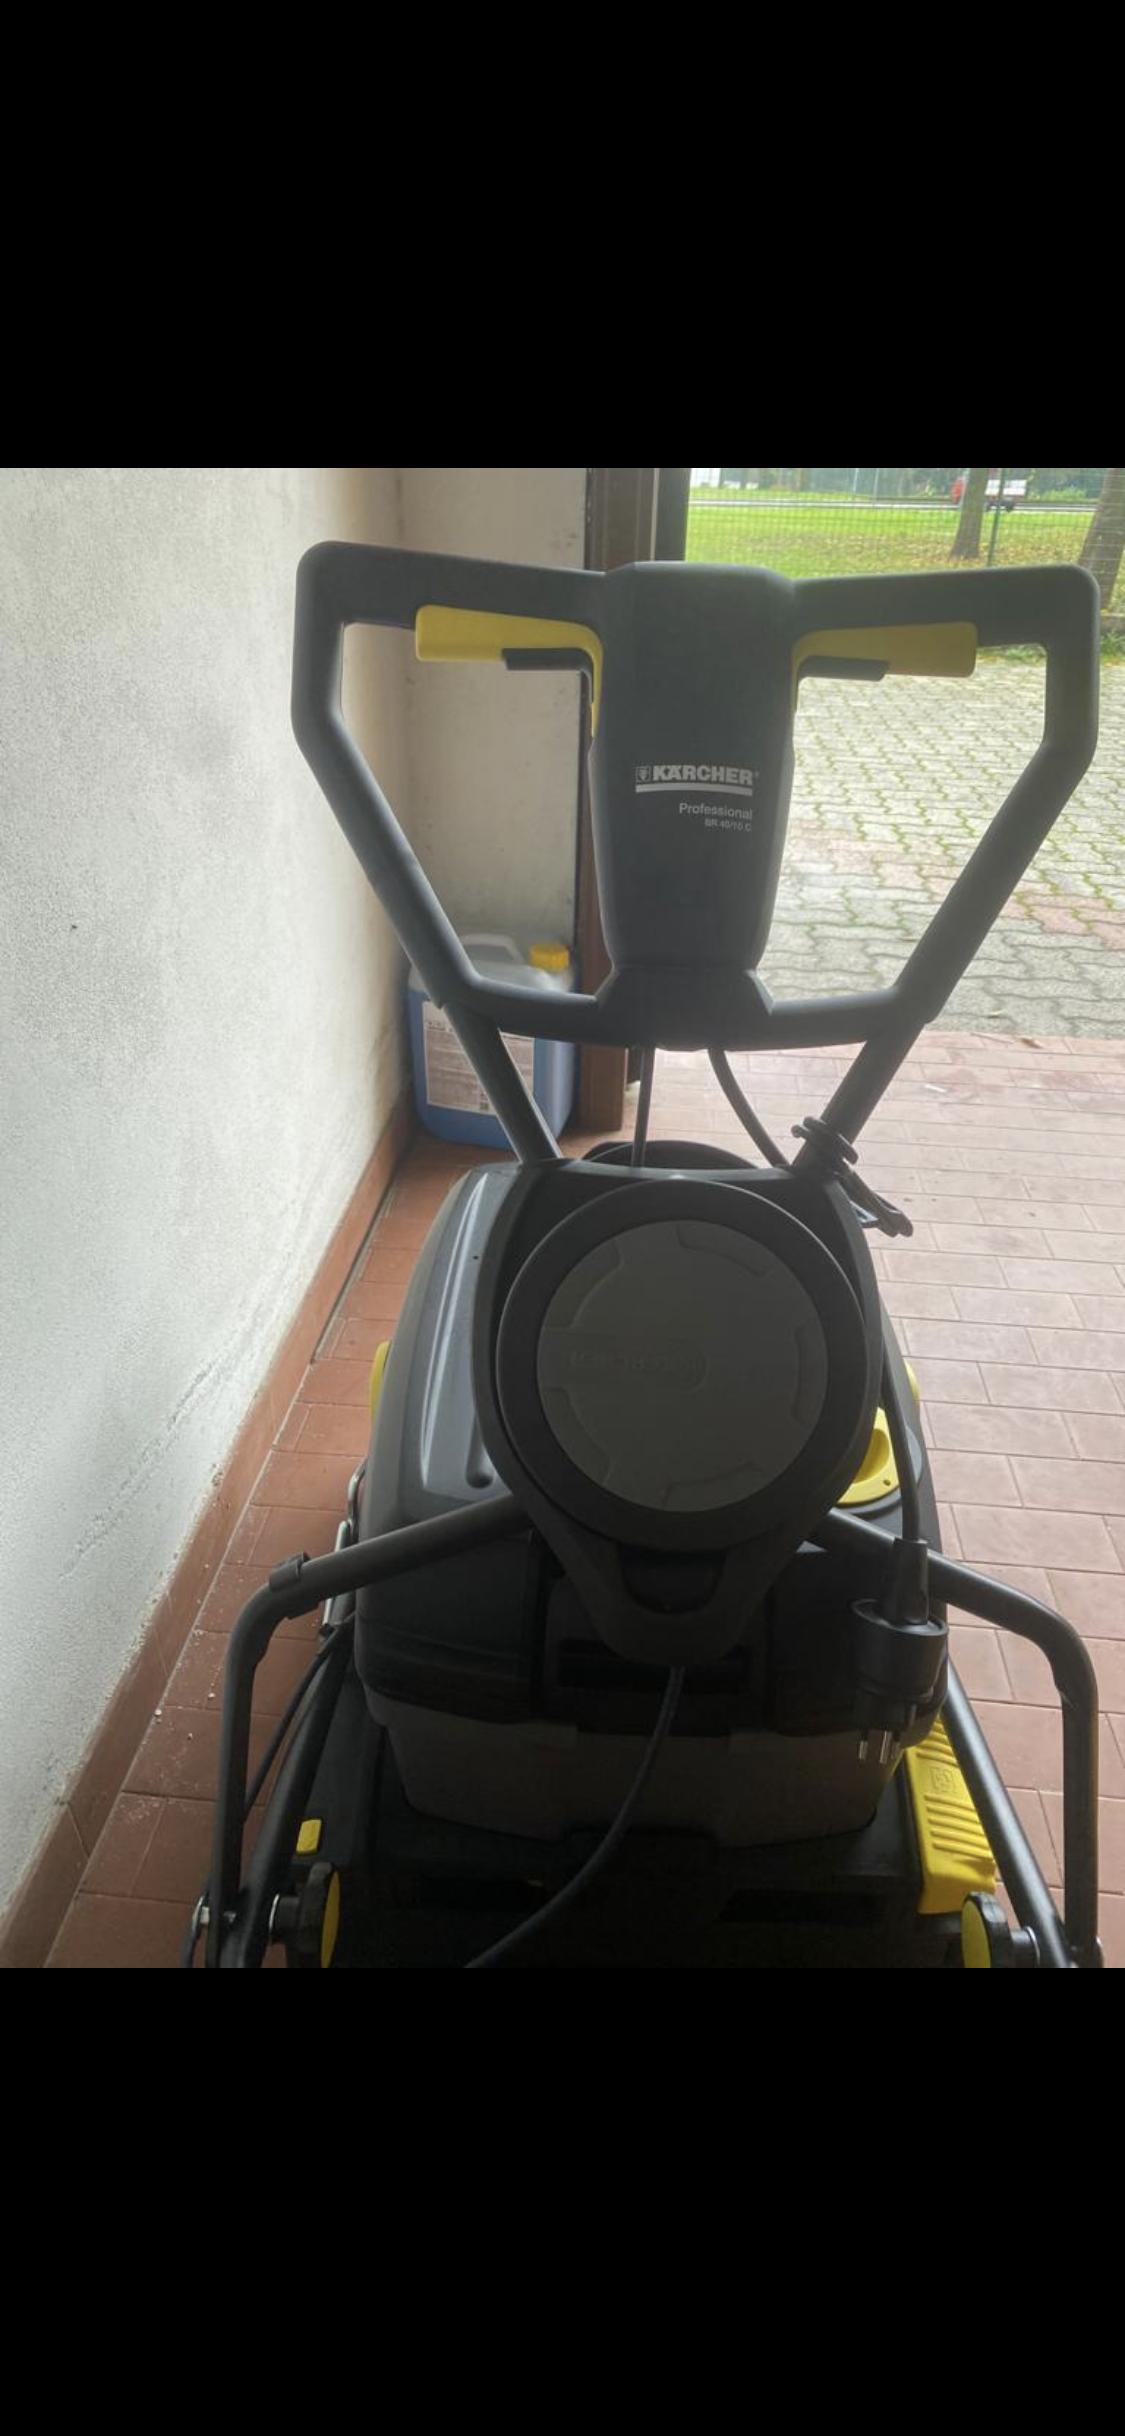 Lavasciuga pavimenti professionale  in vendita - foto 7